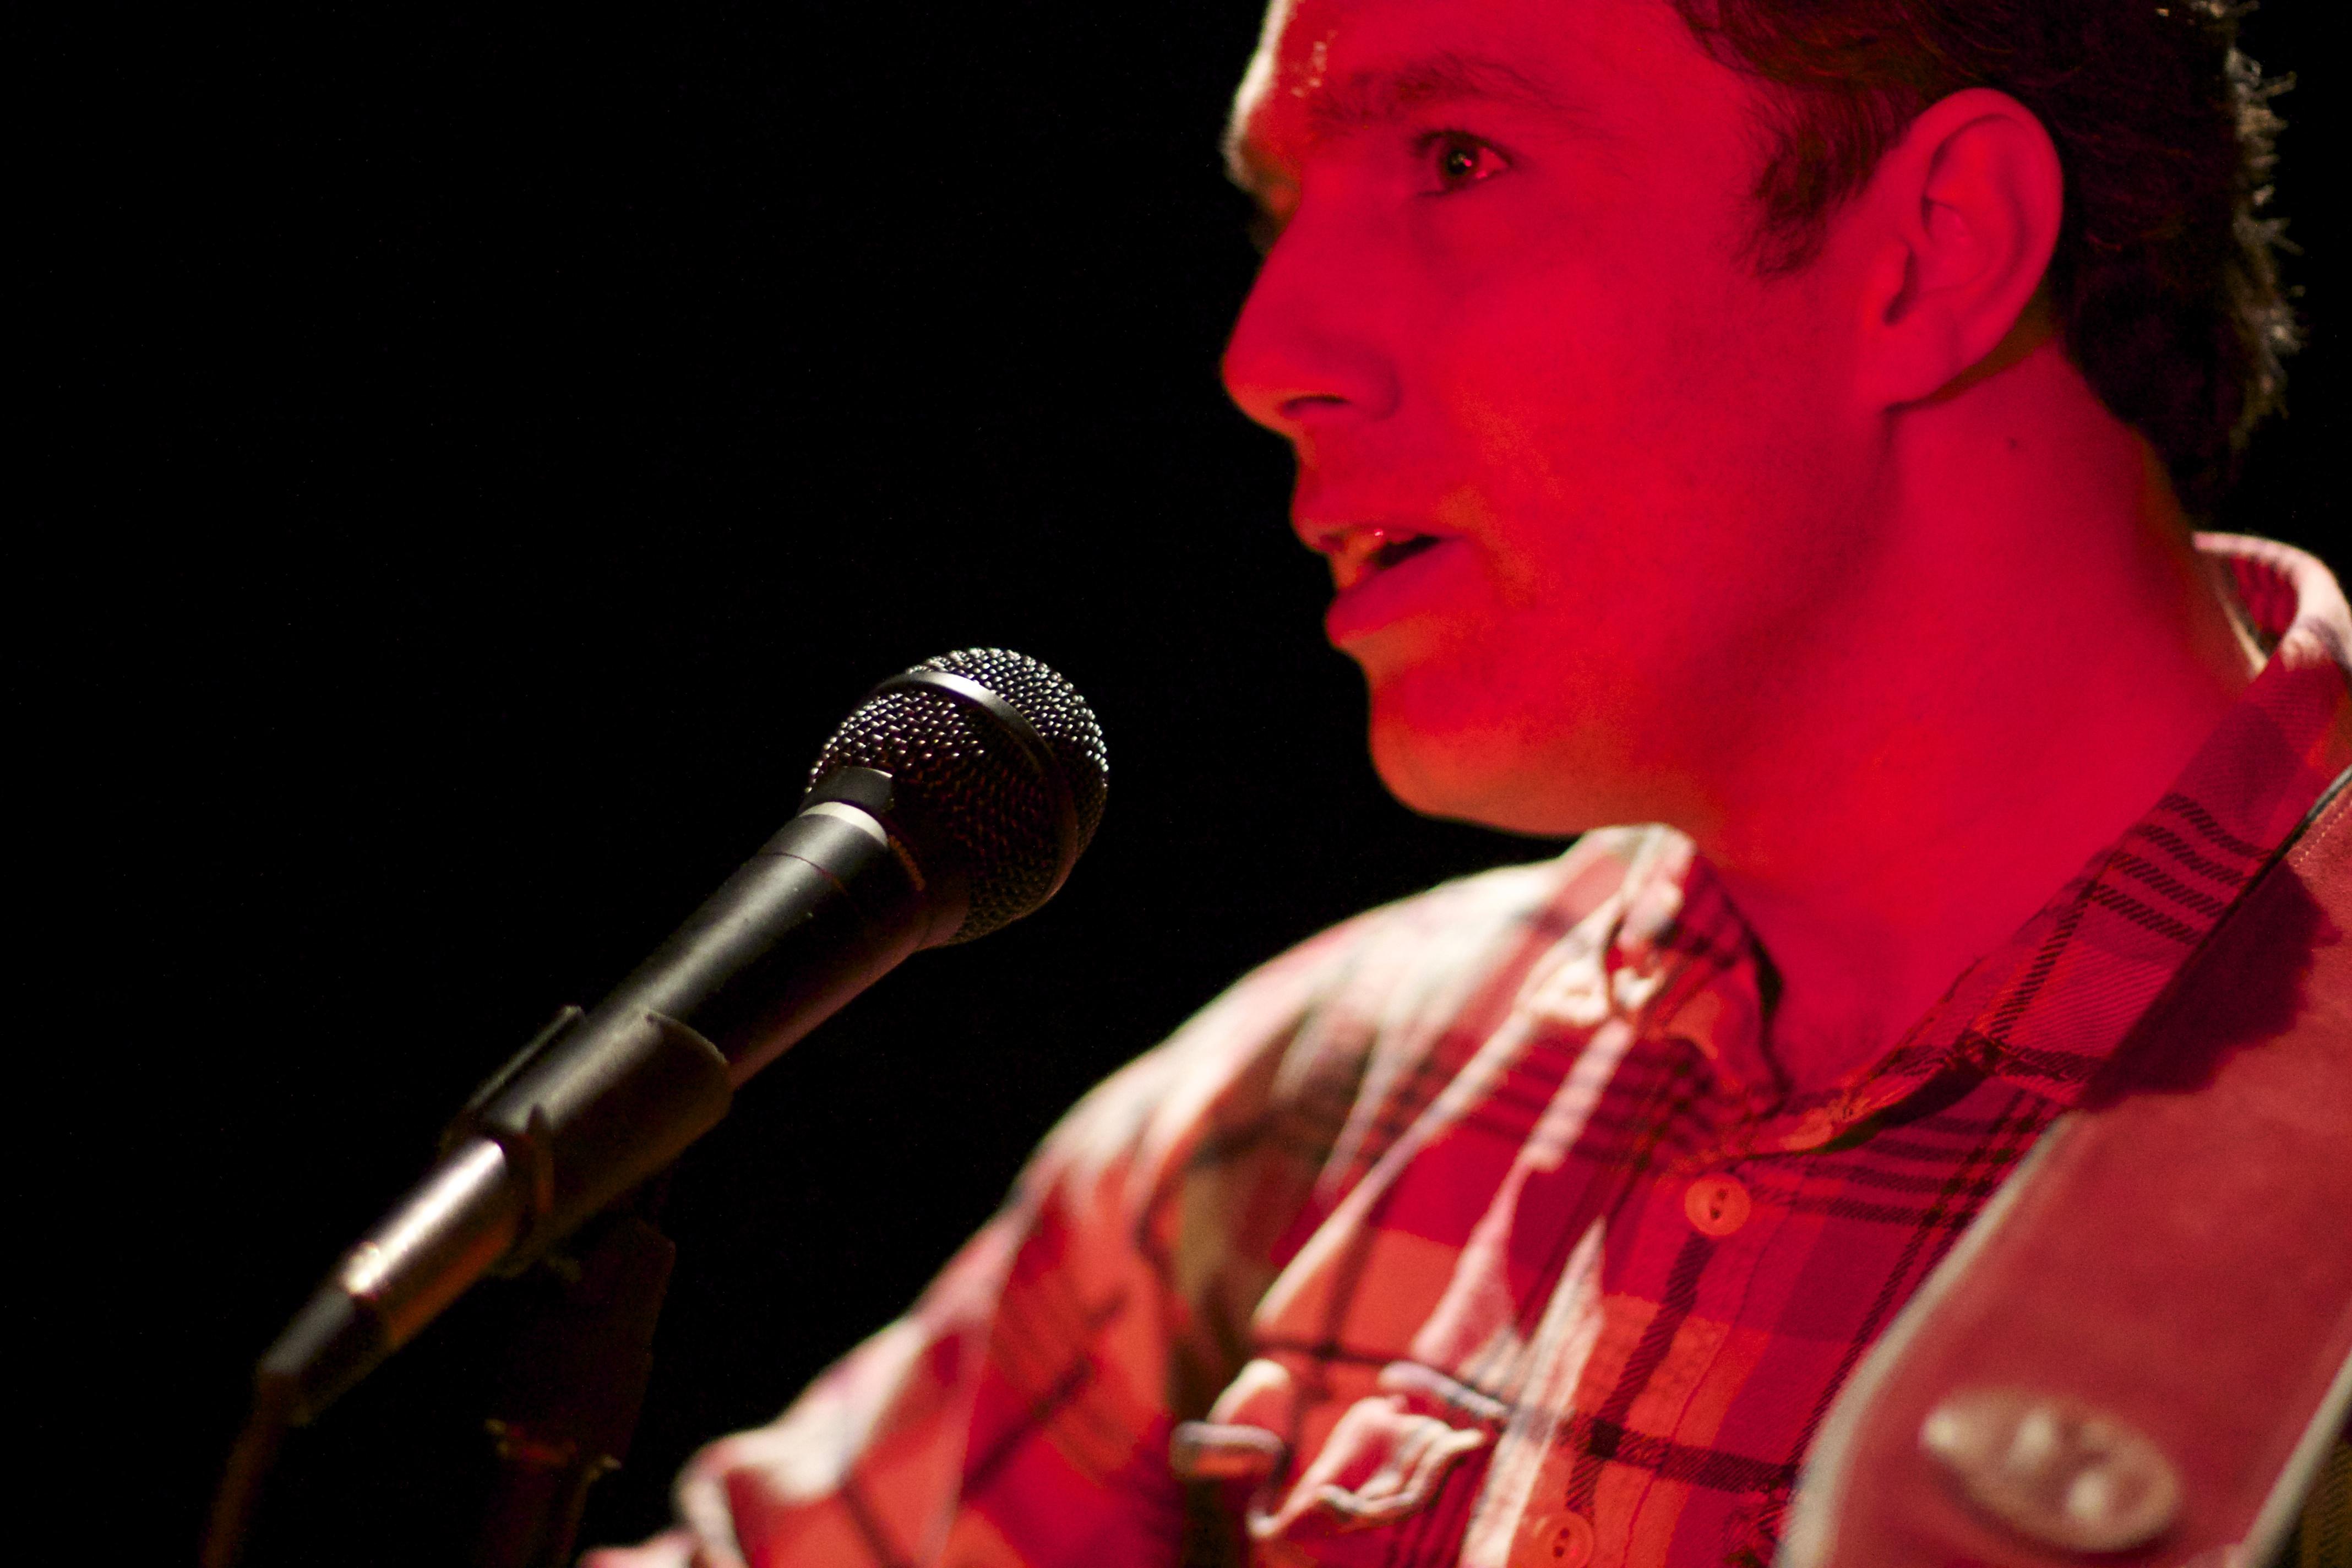 Alan singing